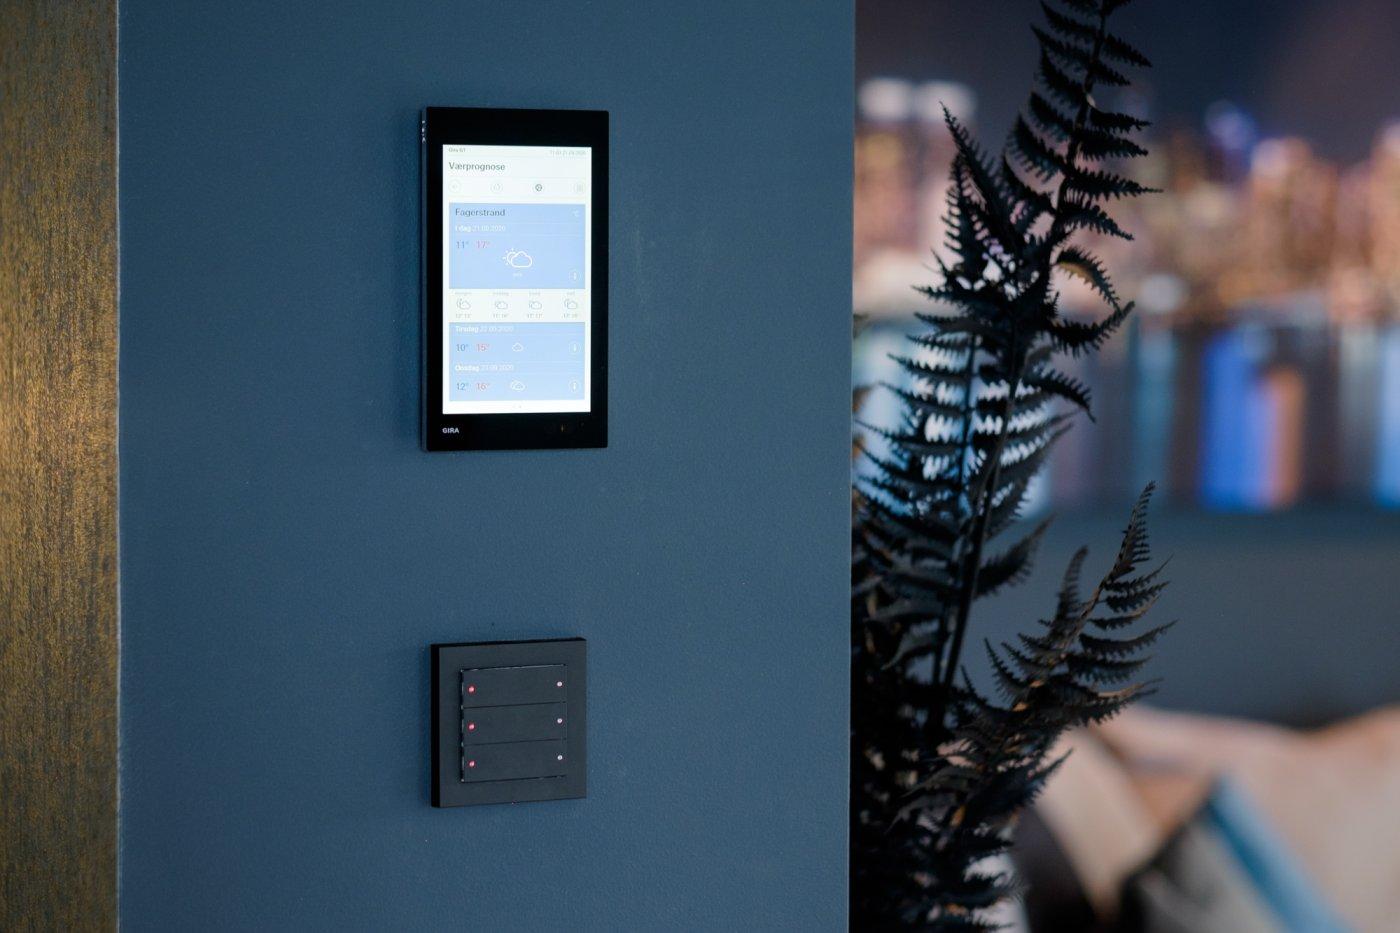 Sort betjeningsterminal med berøringsskjerm for smarthus montert på mørk blå vegg.